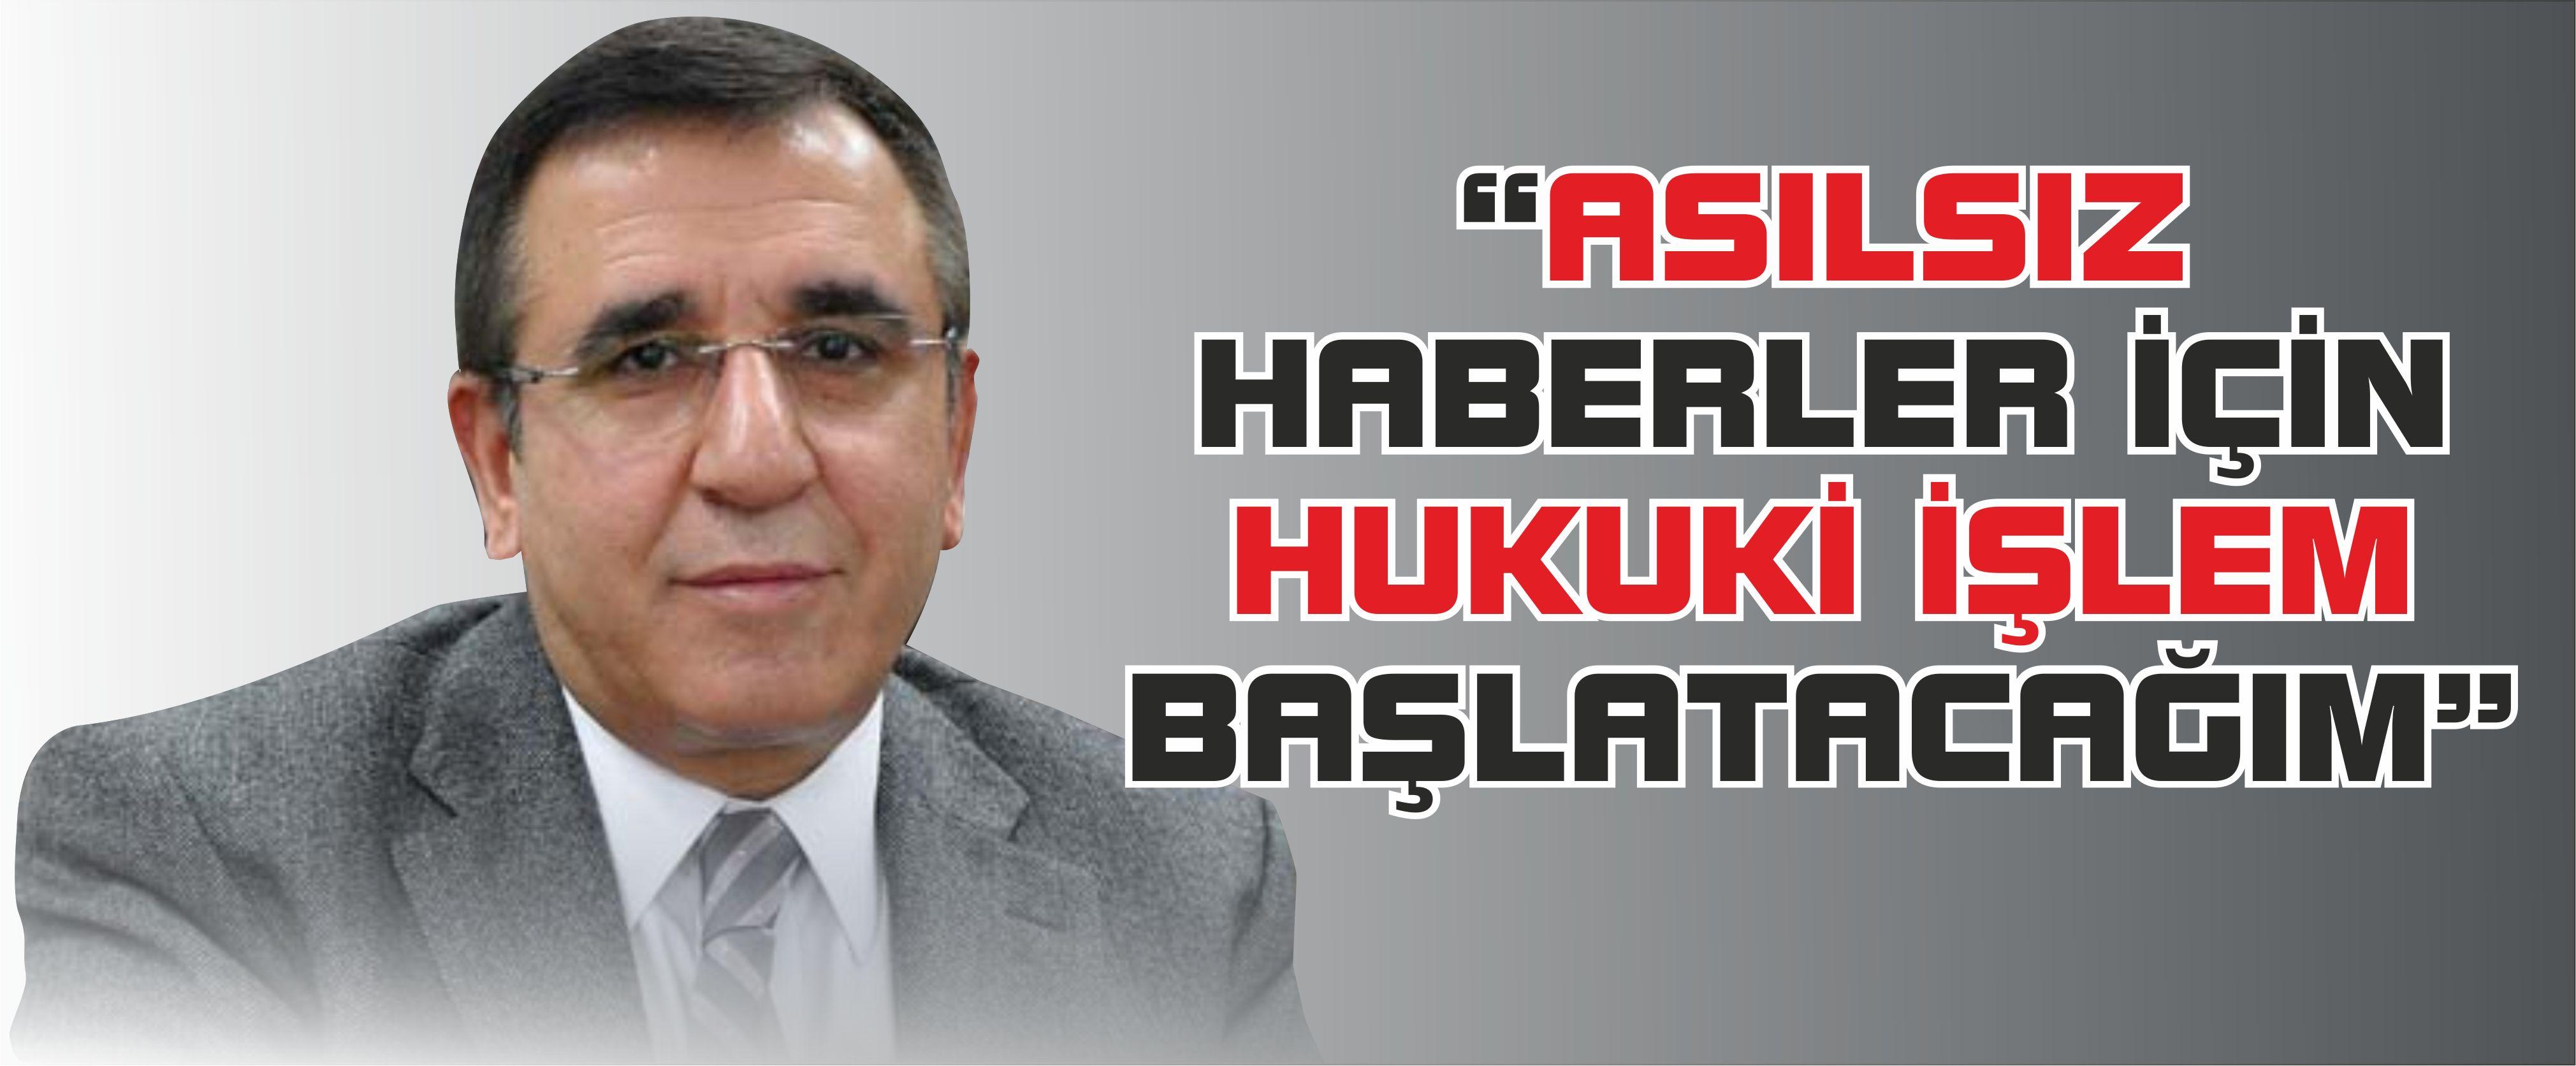 """""""ASILSIZ HABERLER İÇİN HUKUKİ İŞLEM BAŞLATACAĞIM"""""""